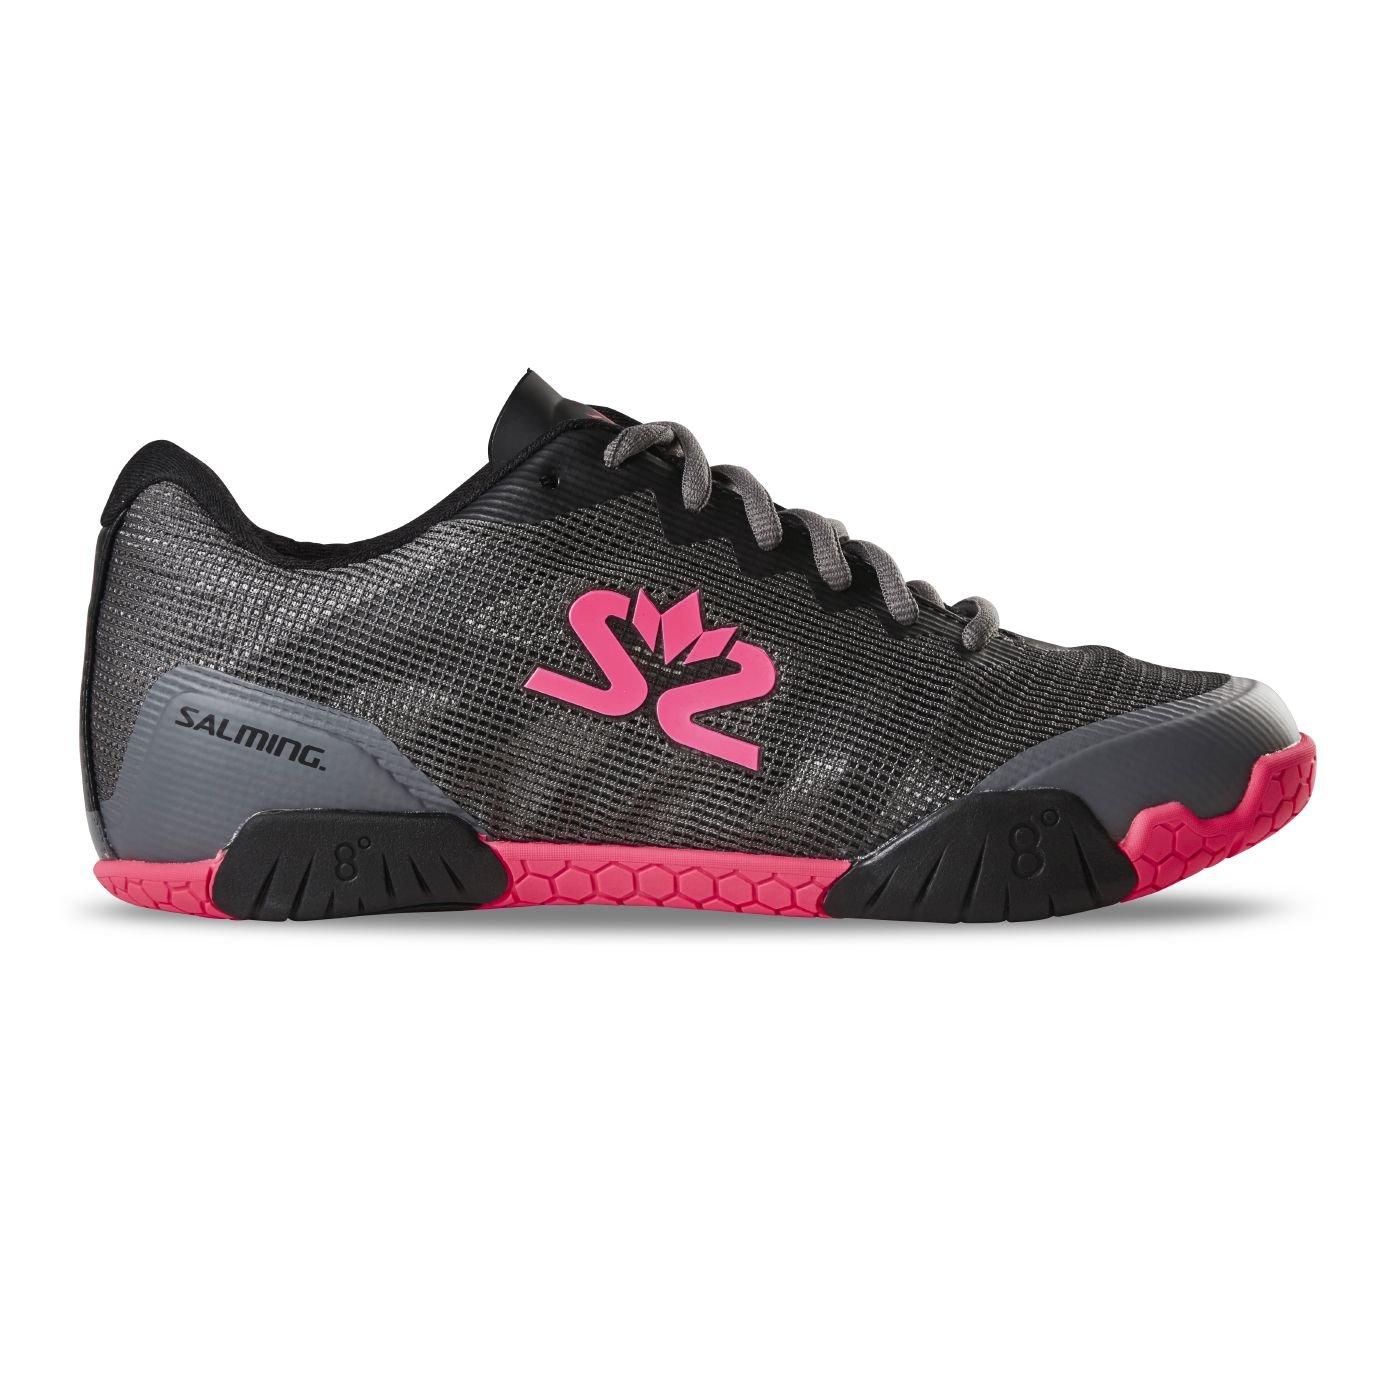 Salming Hawk Shoe Women GunMetal/Pink 42